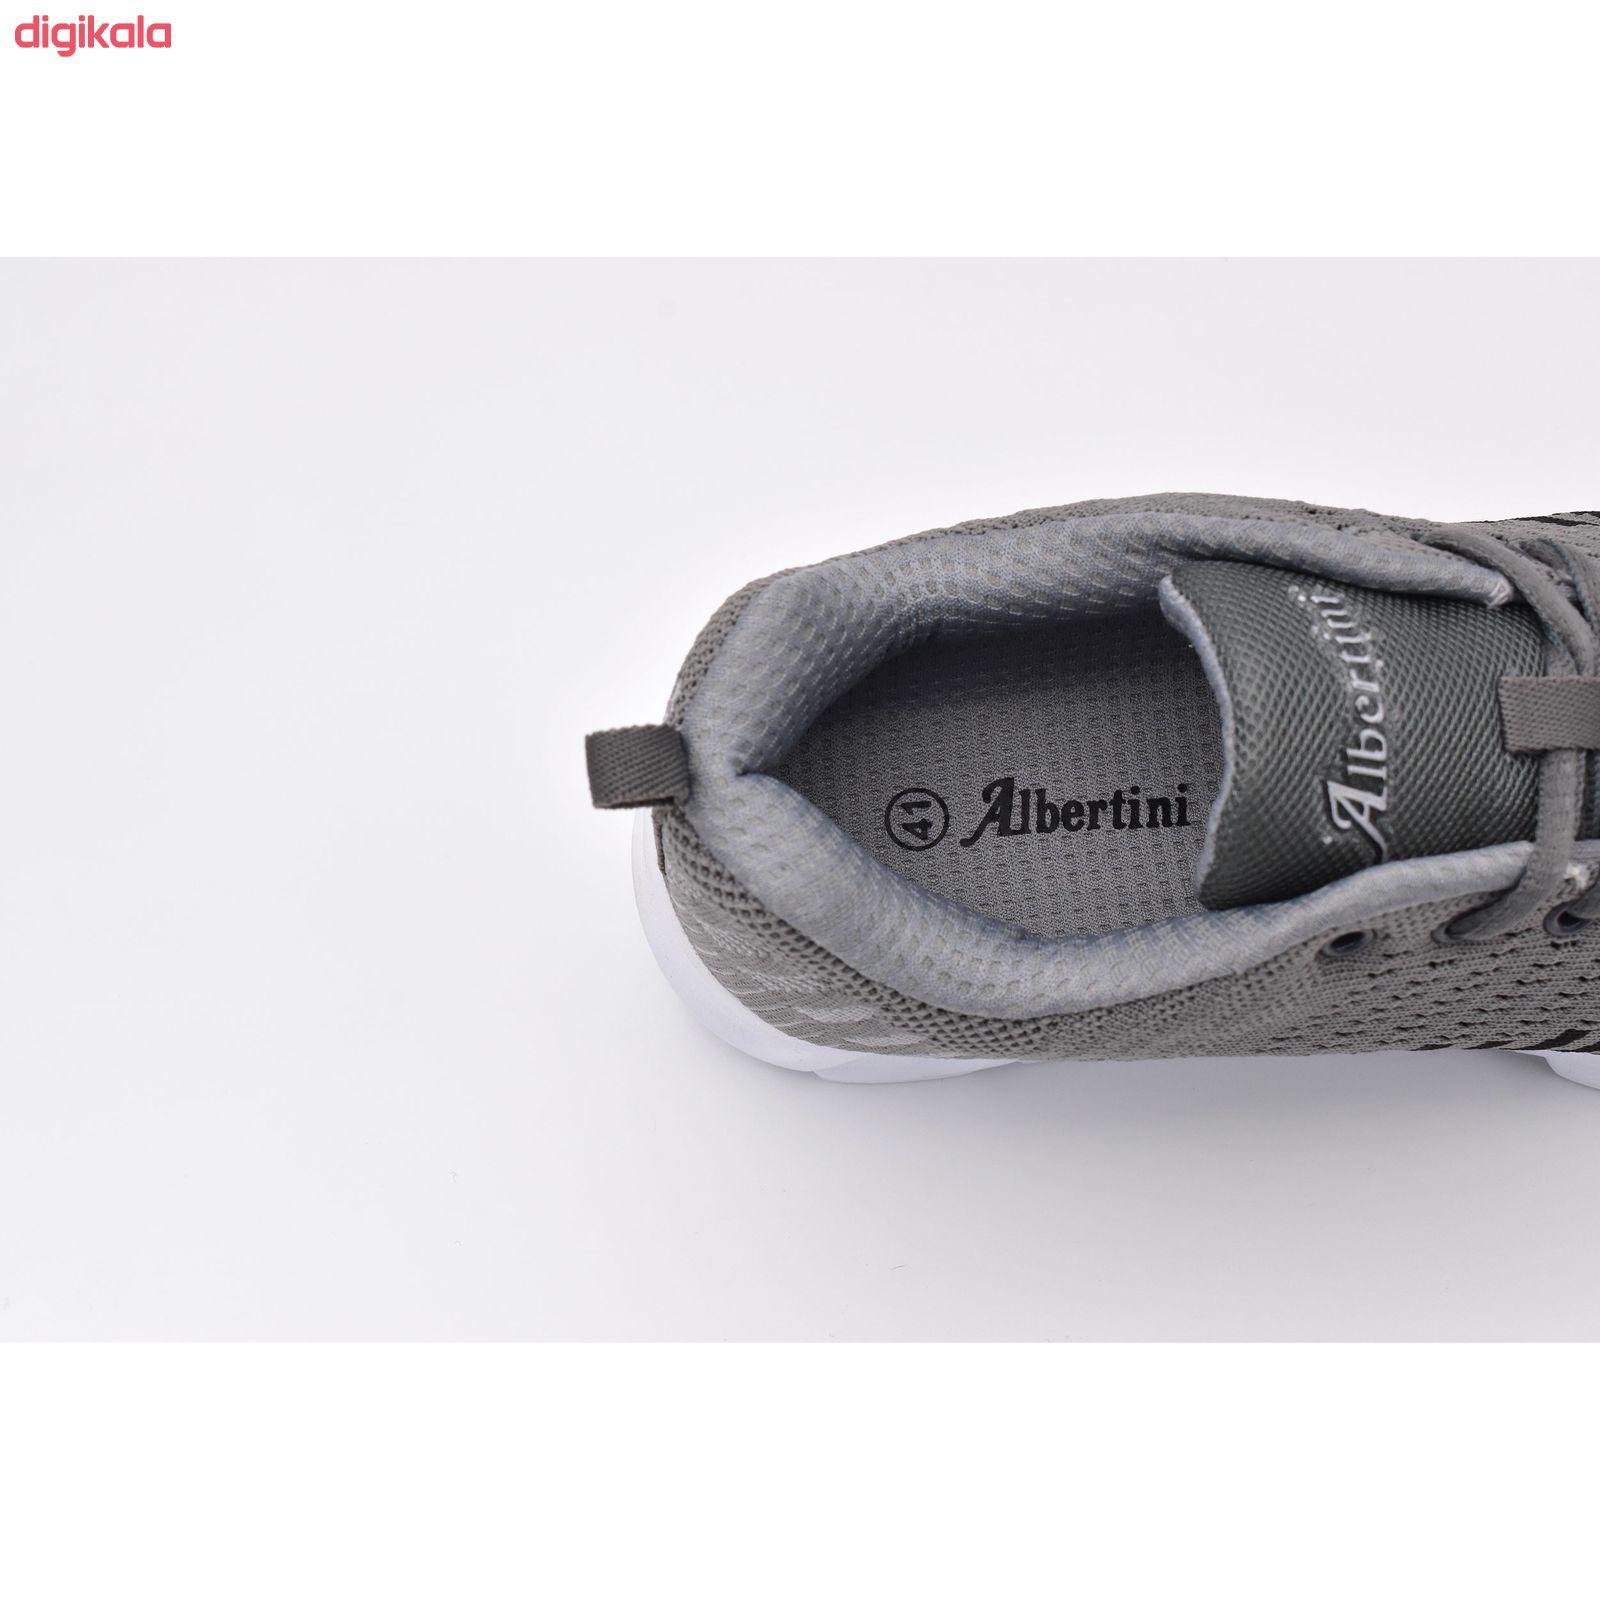 کفش پیاده روی مردانه آلبرتینی مدل زمرد کد 7904 main 1 8